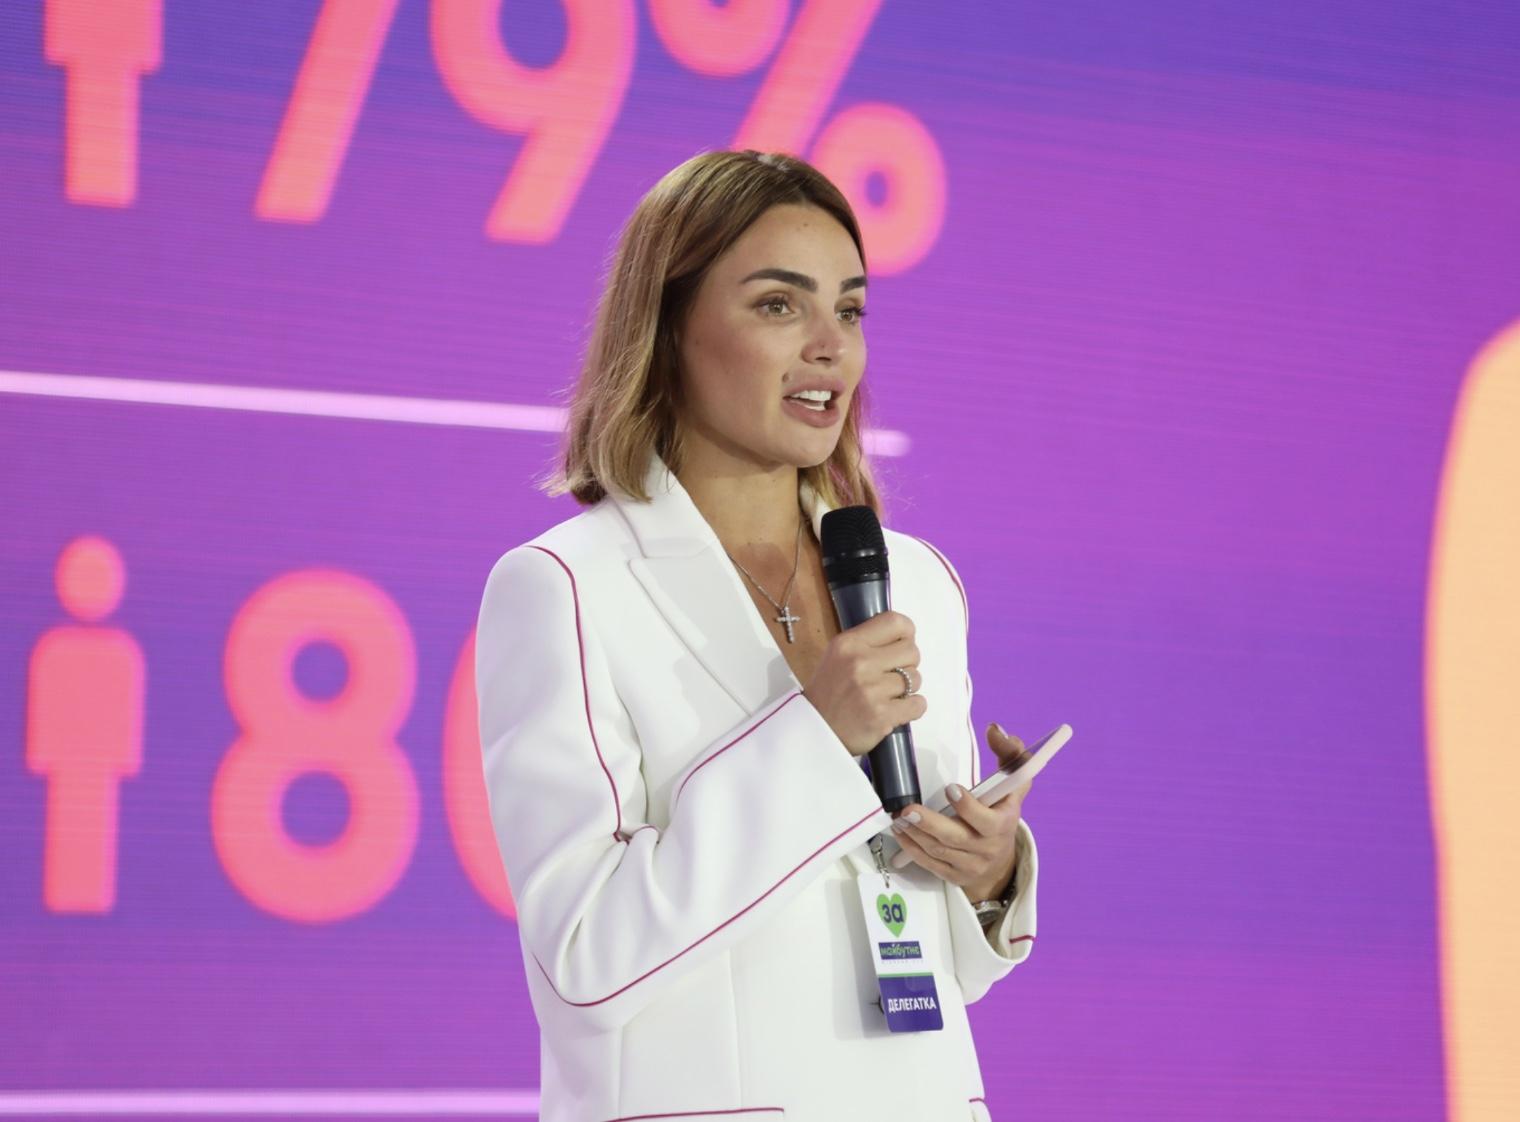 «Ми об'єдналися, щоб змінити ставлення українського суспільства до жінок», – Віолета Лабазюк